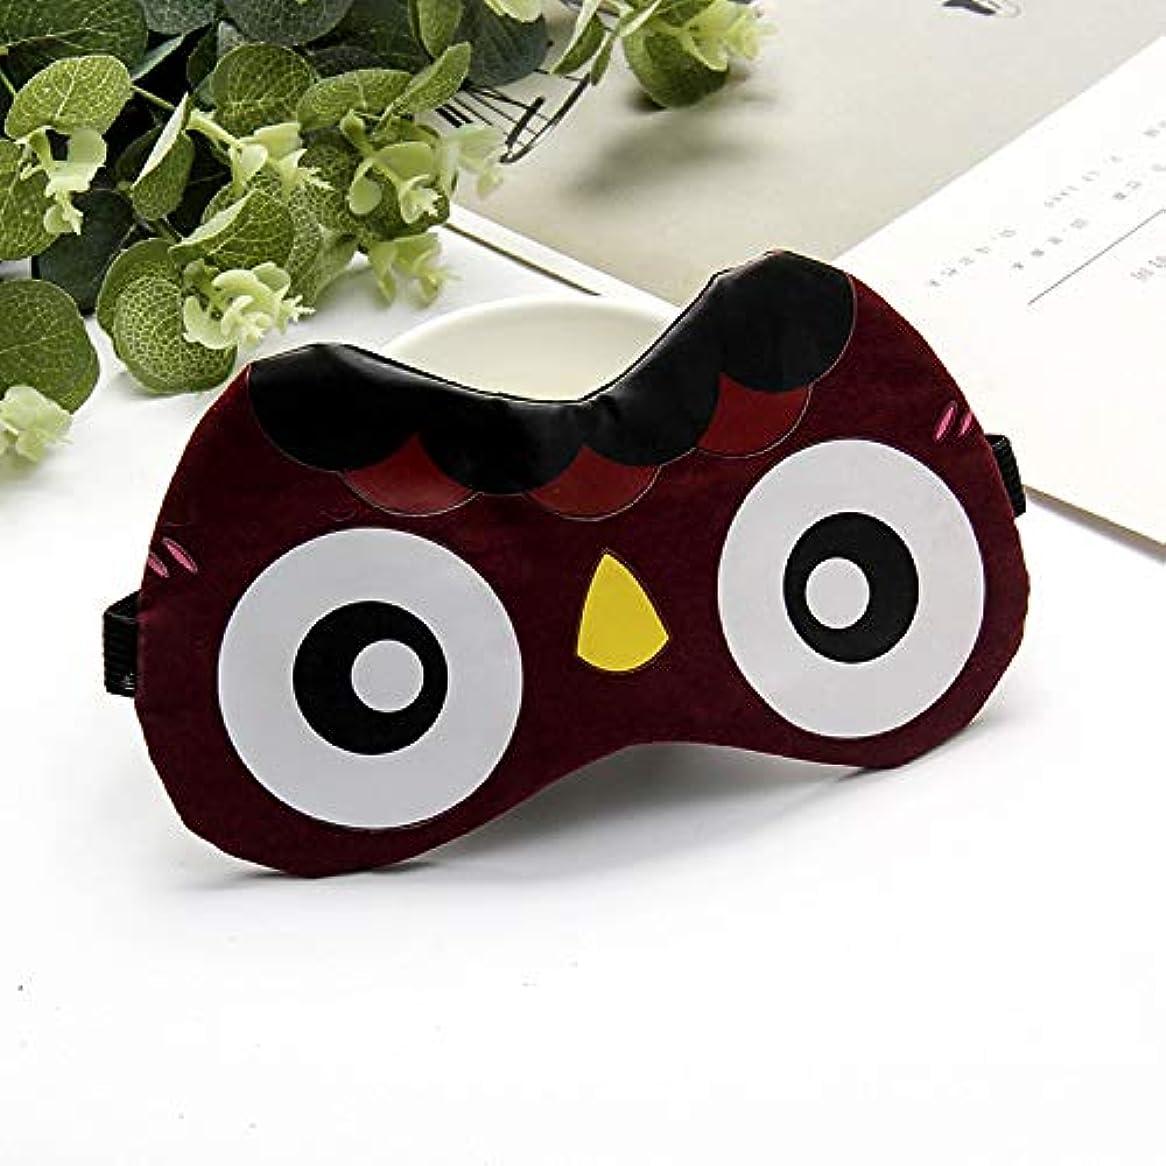 失敗ブランク今日NOTE 漫画動物キツネライオンアイマスク目隠しソフトパッド入り睡眠旅行アイシェードカバー残りリラックス睡眠補助マスクマスク接眼